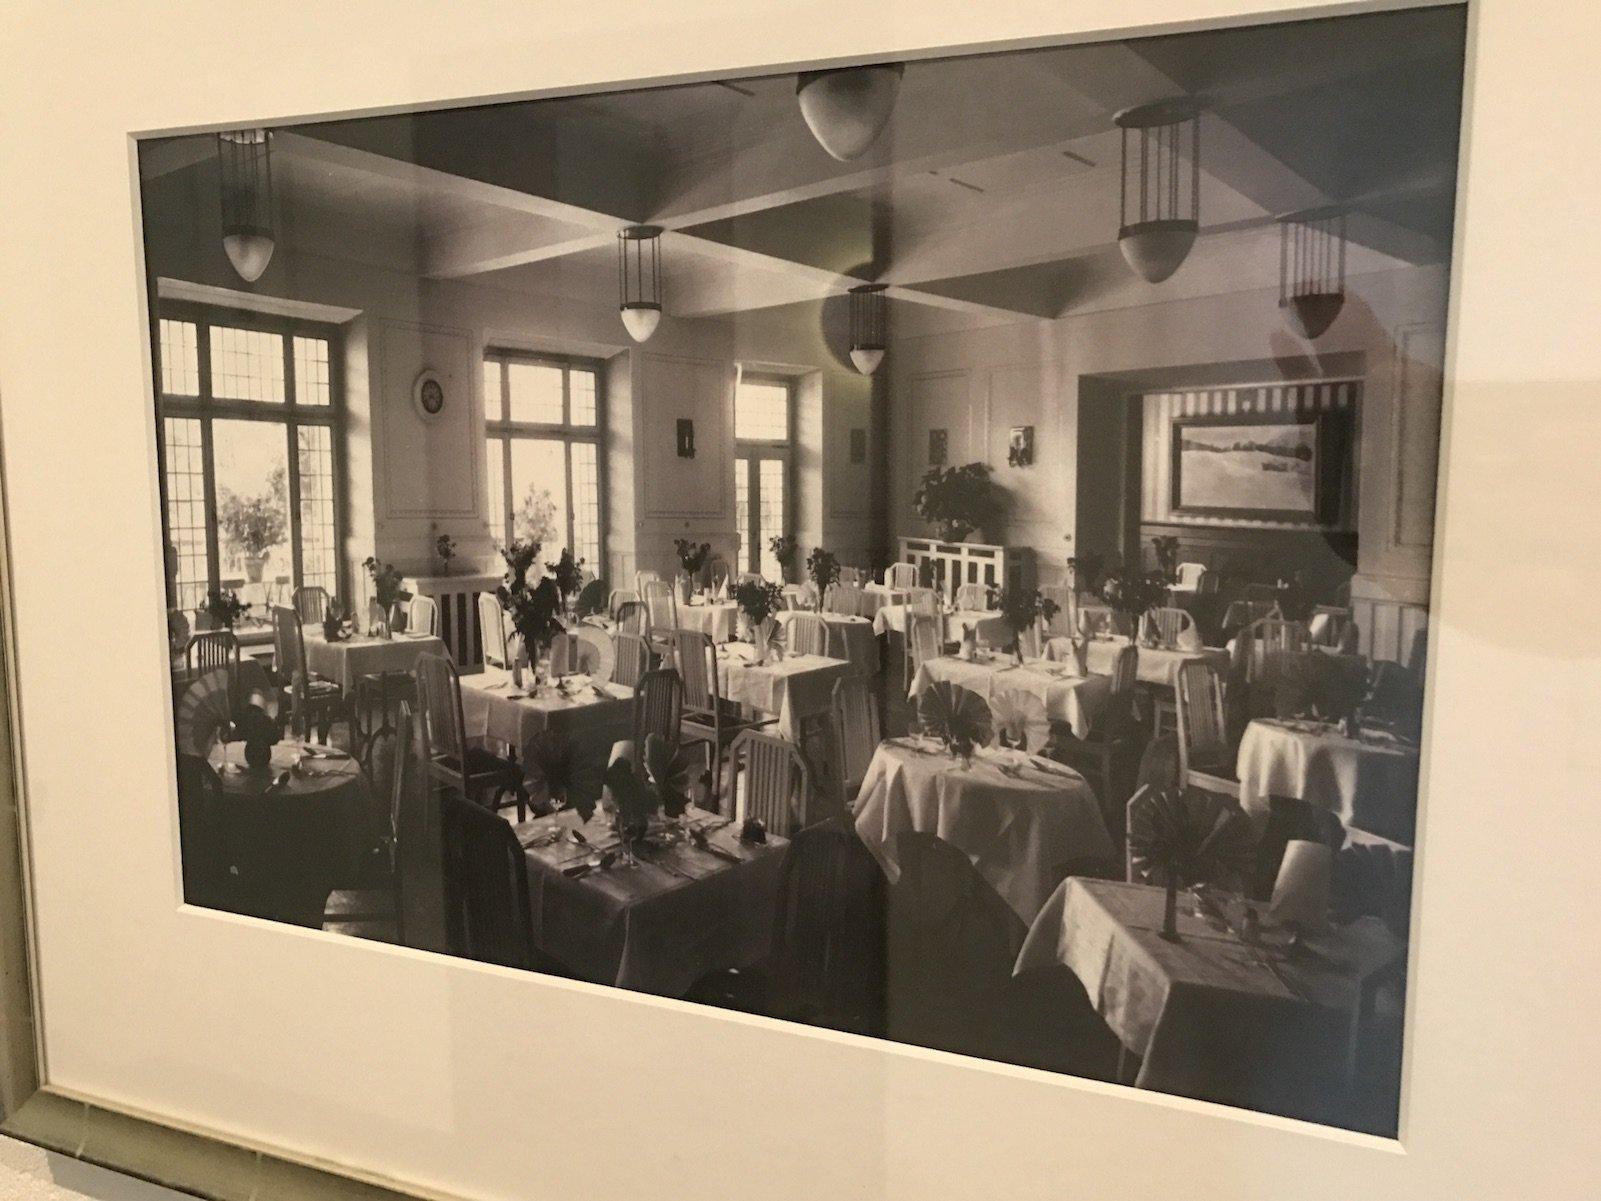 Bild vom alten Speisesaal